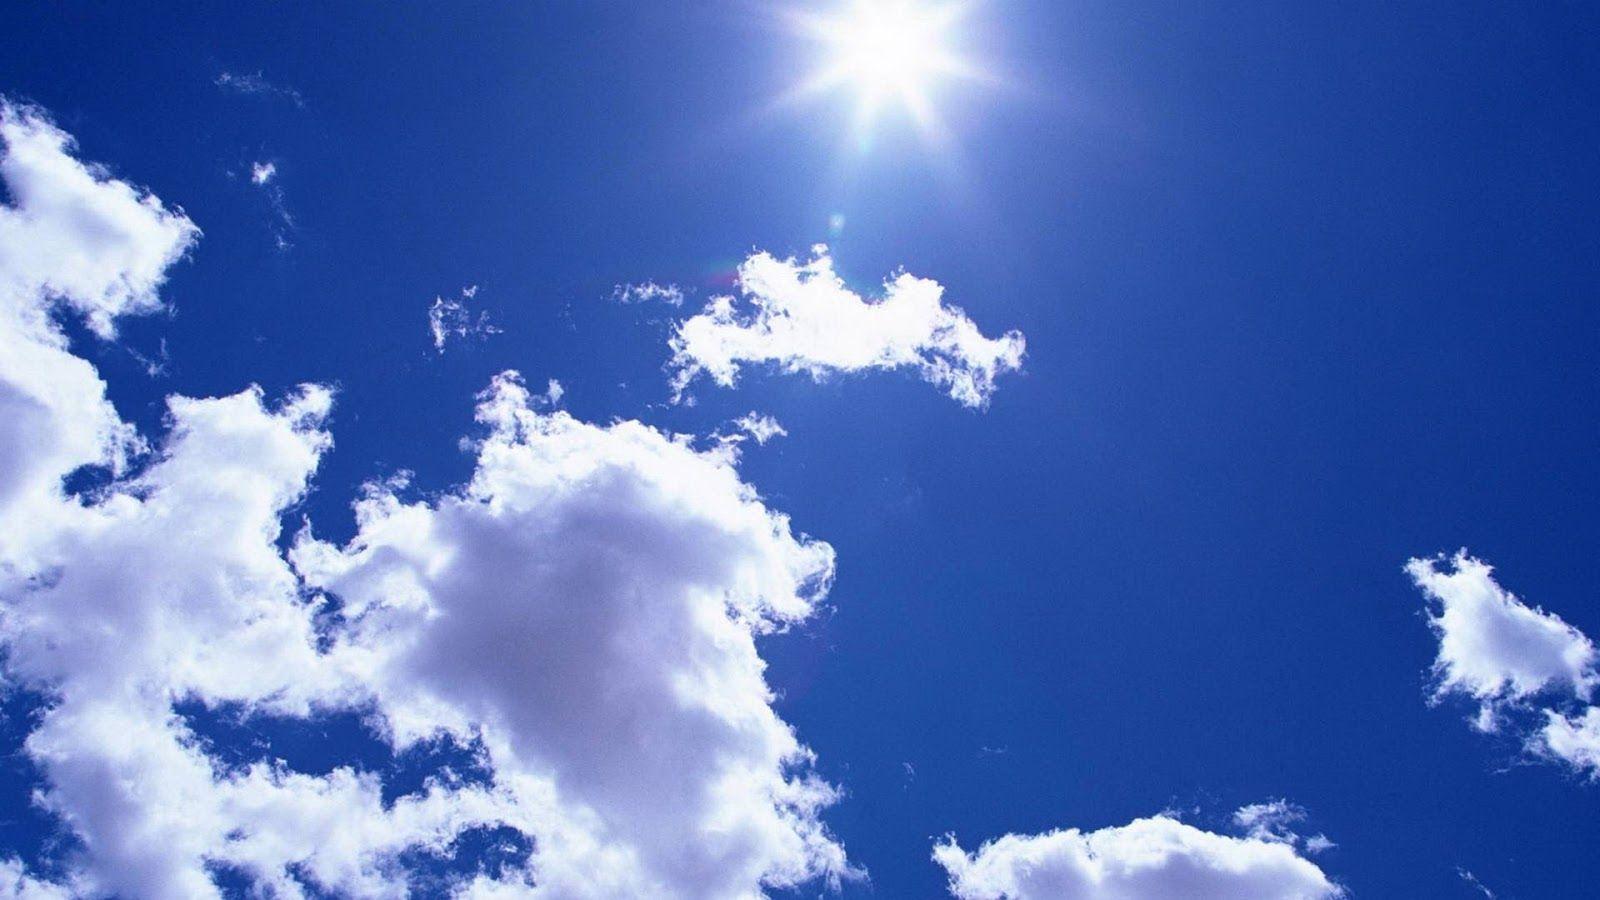 Beautiful Clouds Sky Hd Desktop Wallpaper Widescreen High